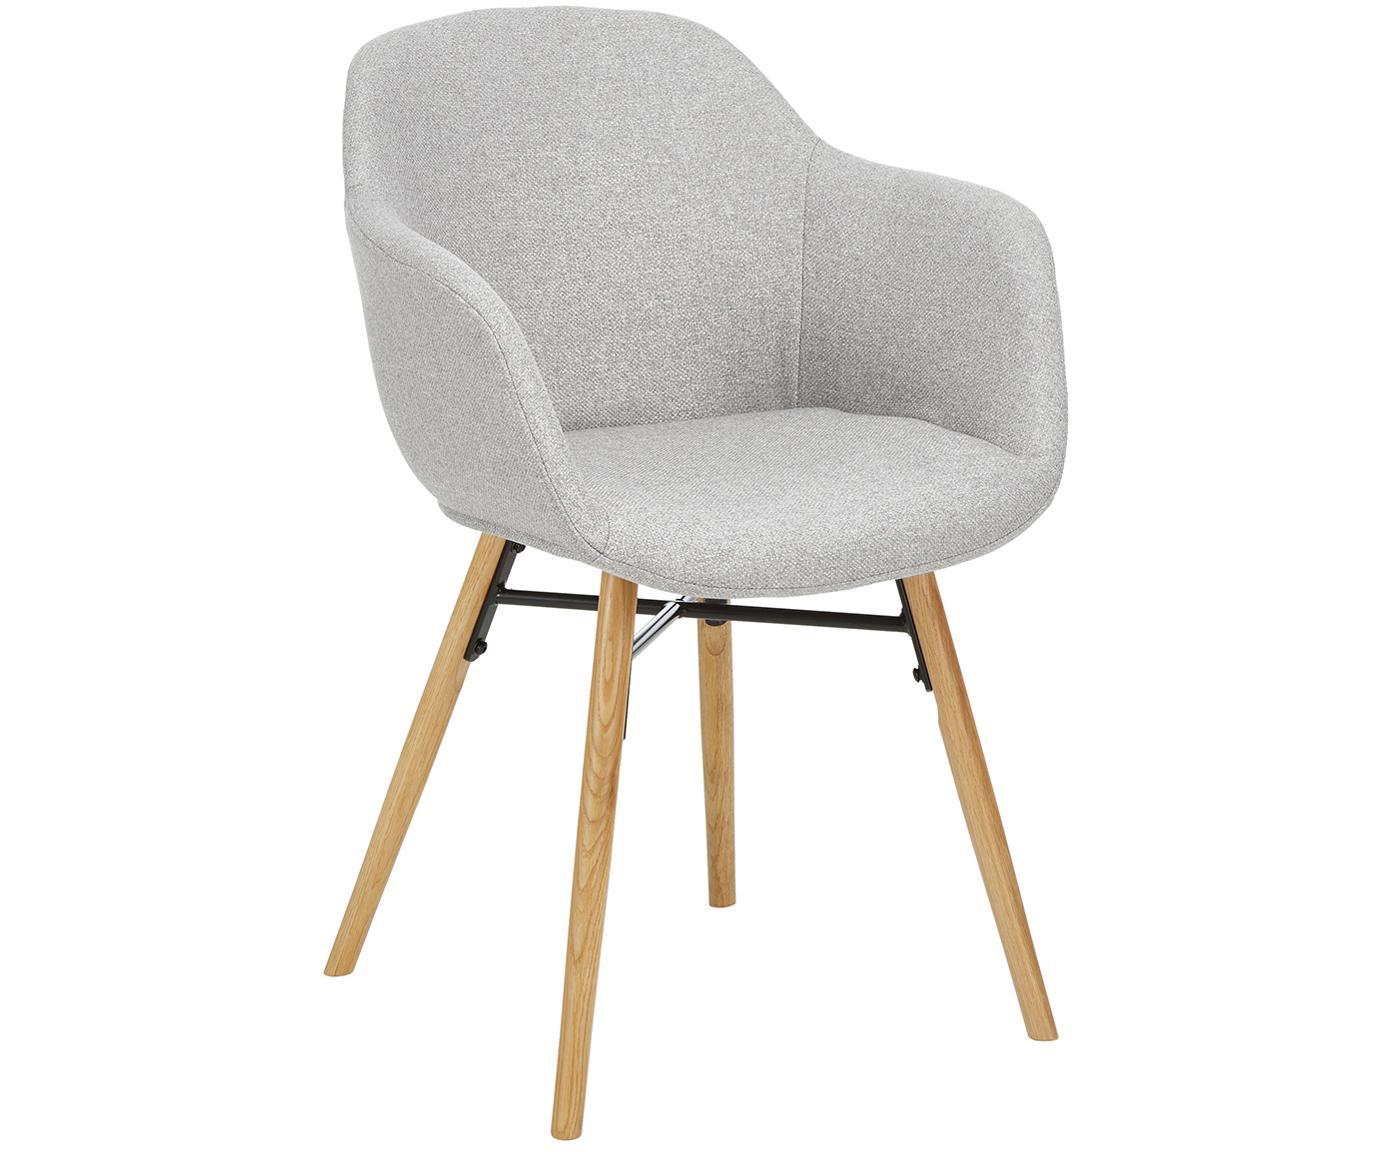 Krzesło tapicerowane Fiji, Tapicerka: poliester 40 000 cykli w , Nogi: lite drewno dębowe, Siedzisko: jasny szary Nogi: drewno dębowe, S 59 x G 55 cm